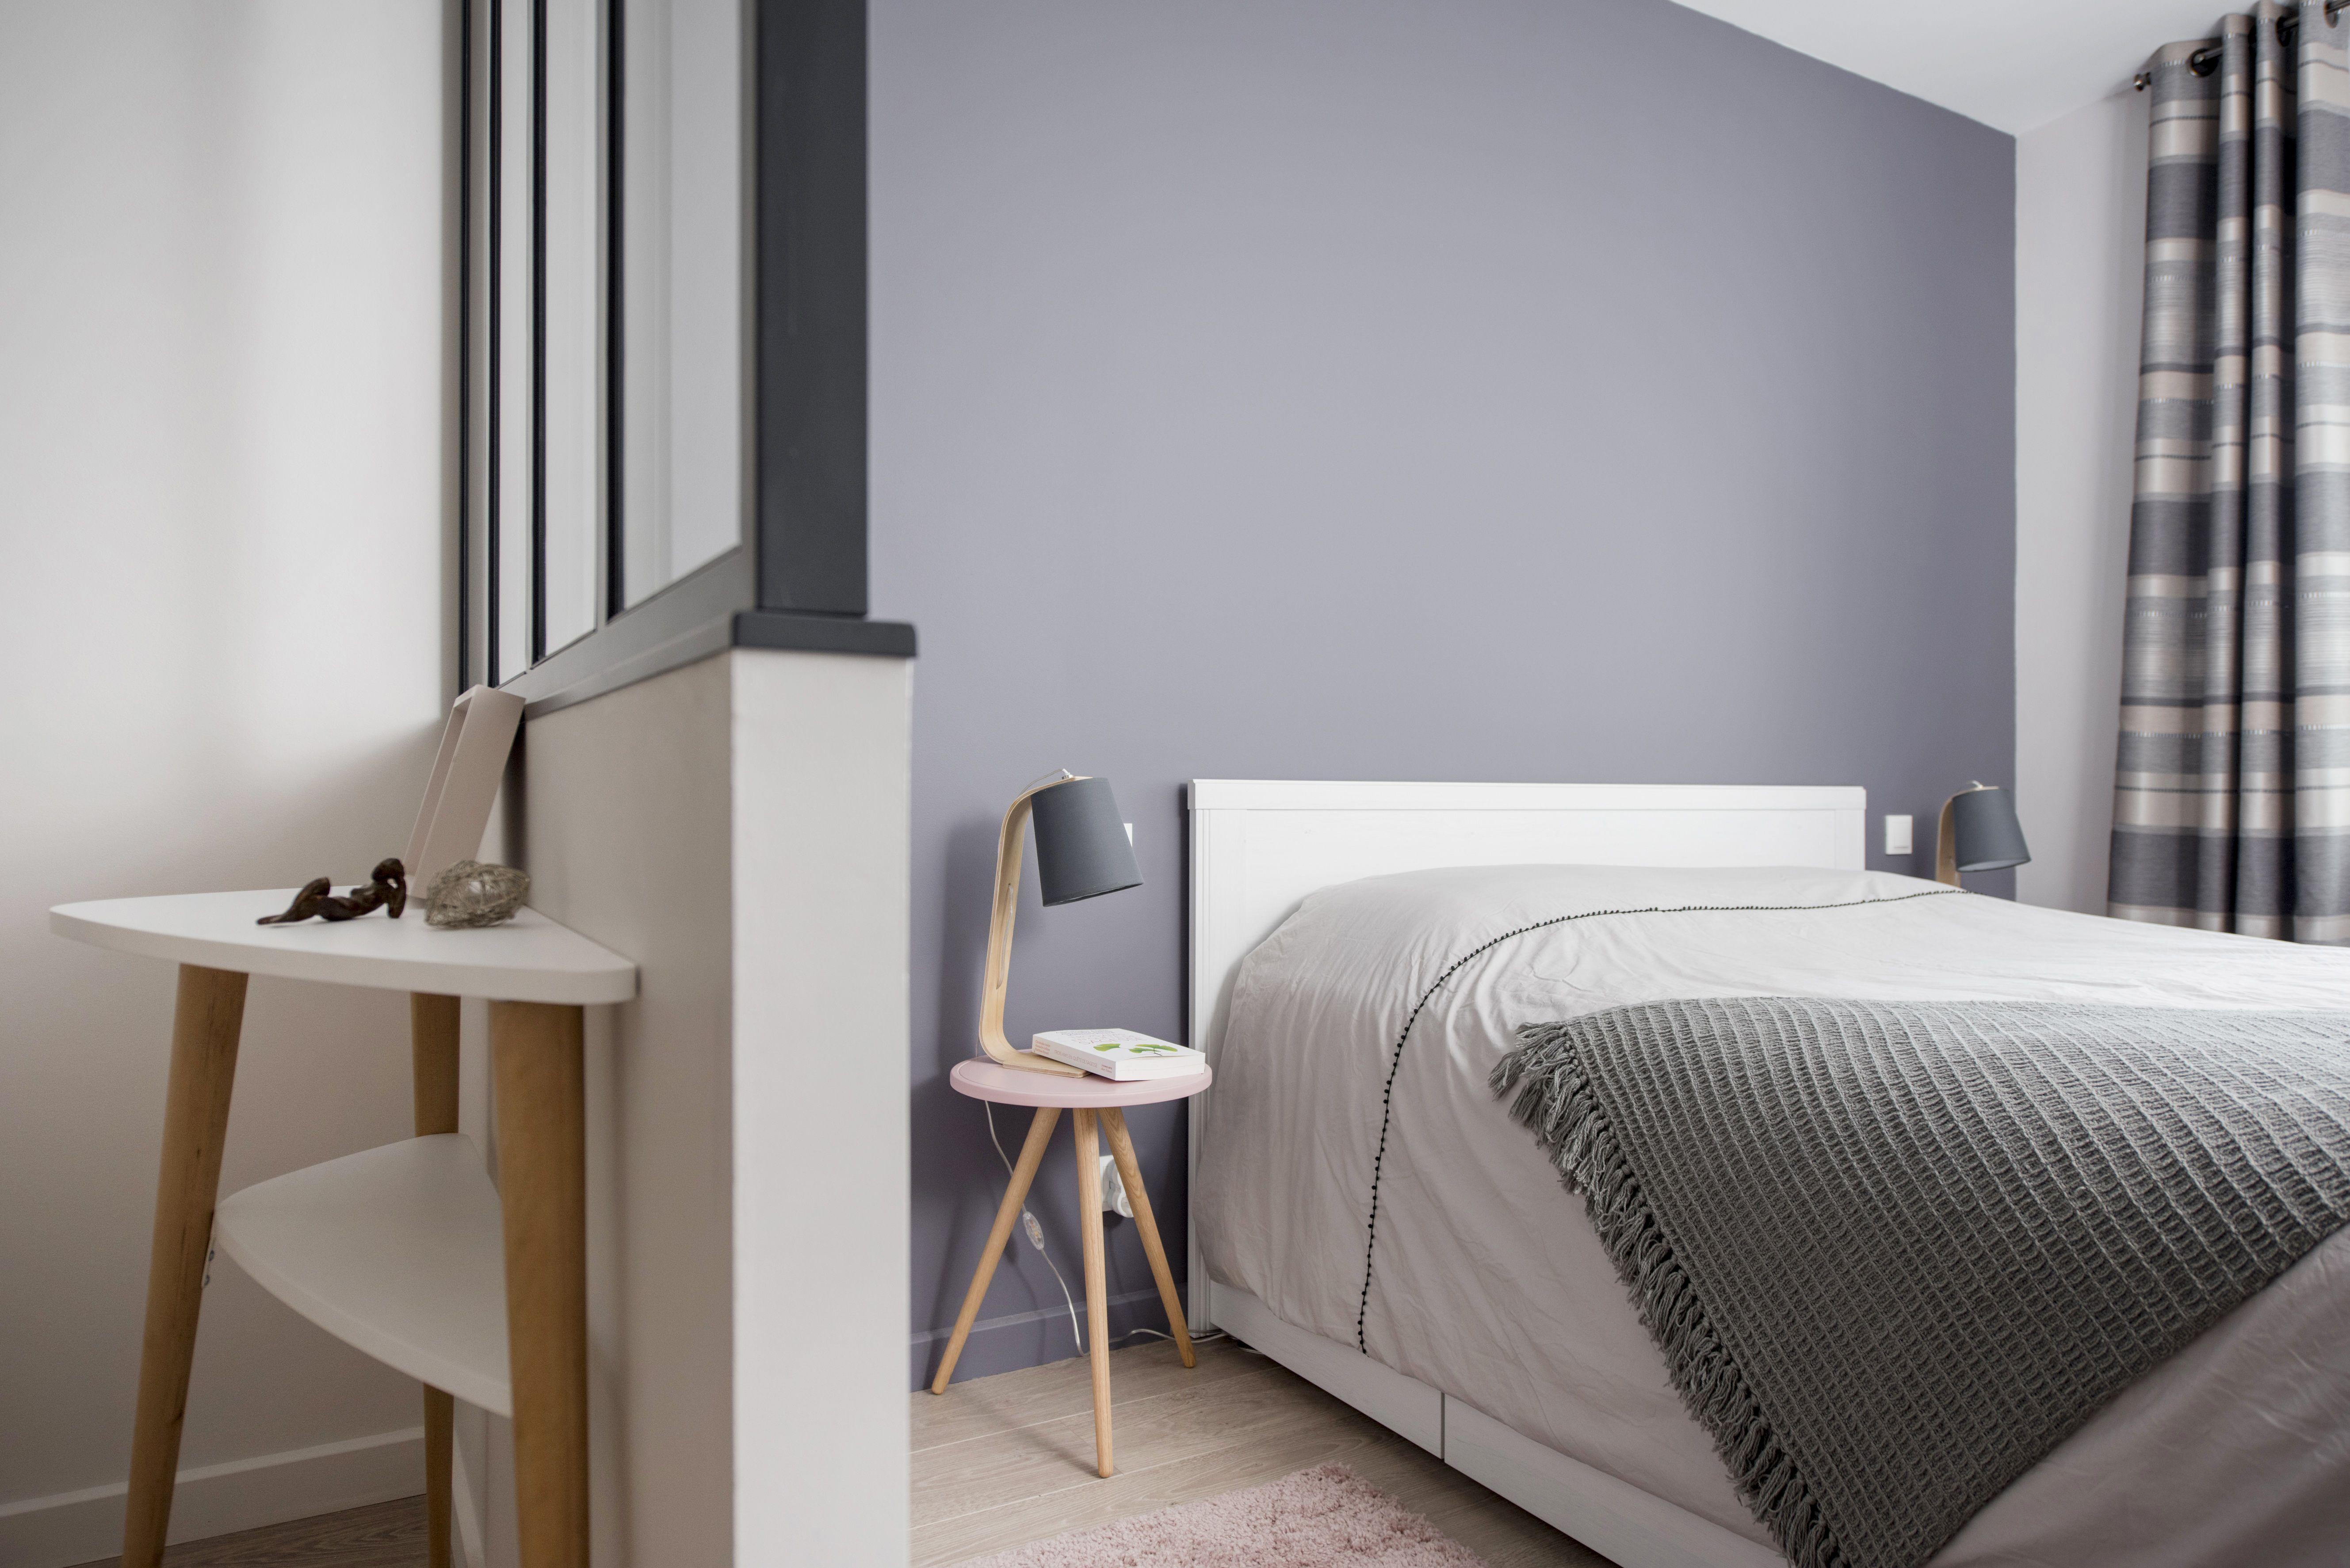 chambre avec verrire dans une maison familiale rnove par larchitecte dintrieur marion - Chambre Avec Verriere